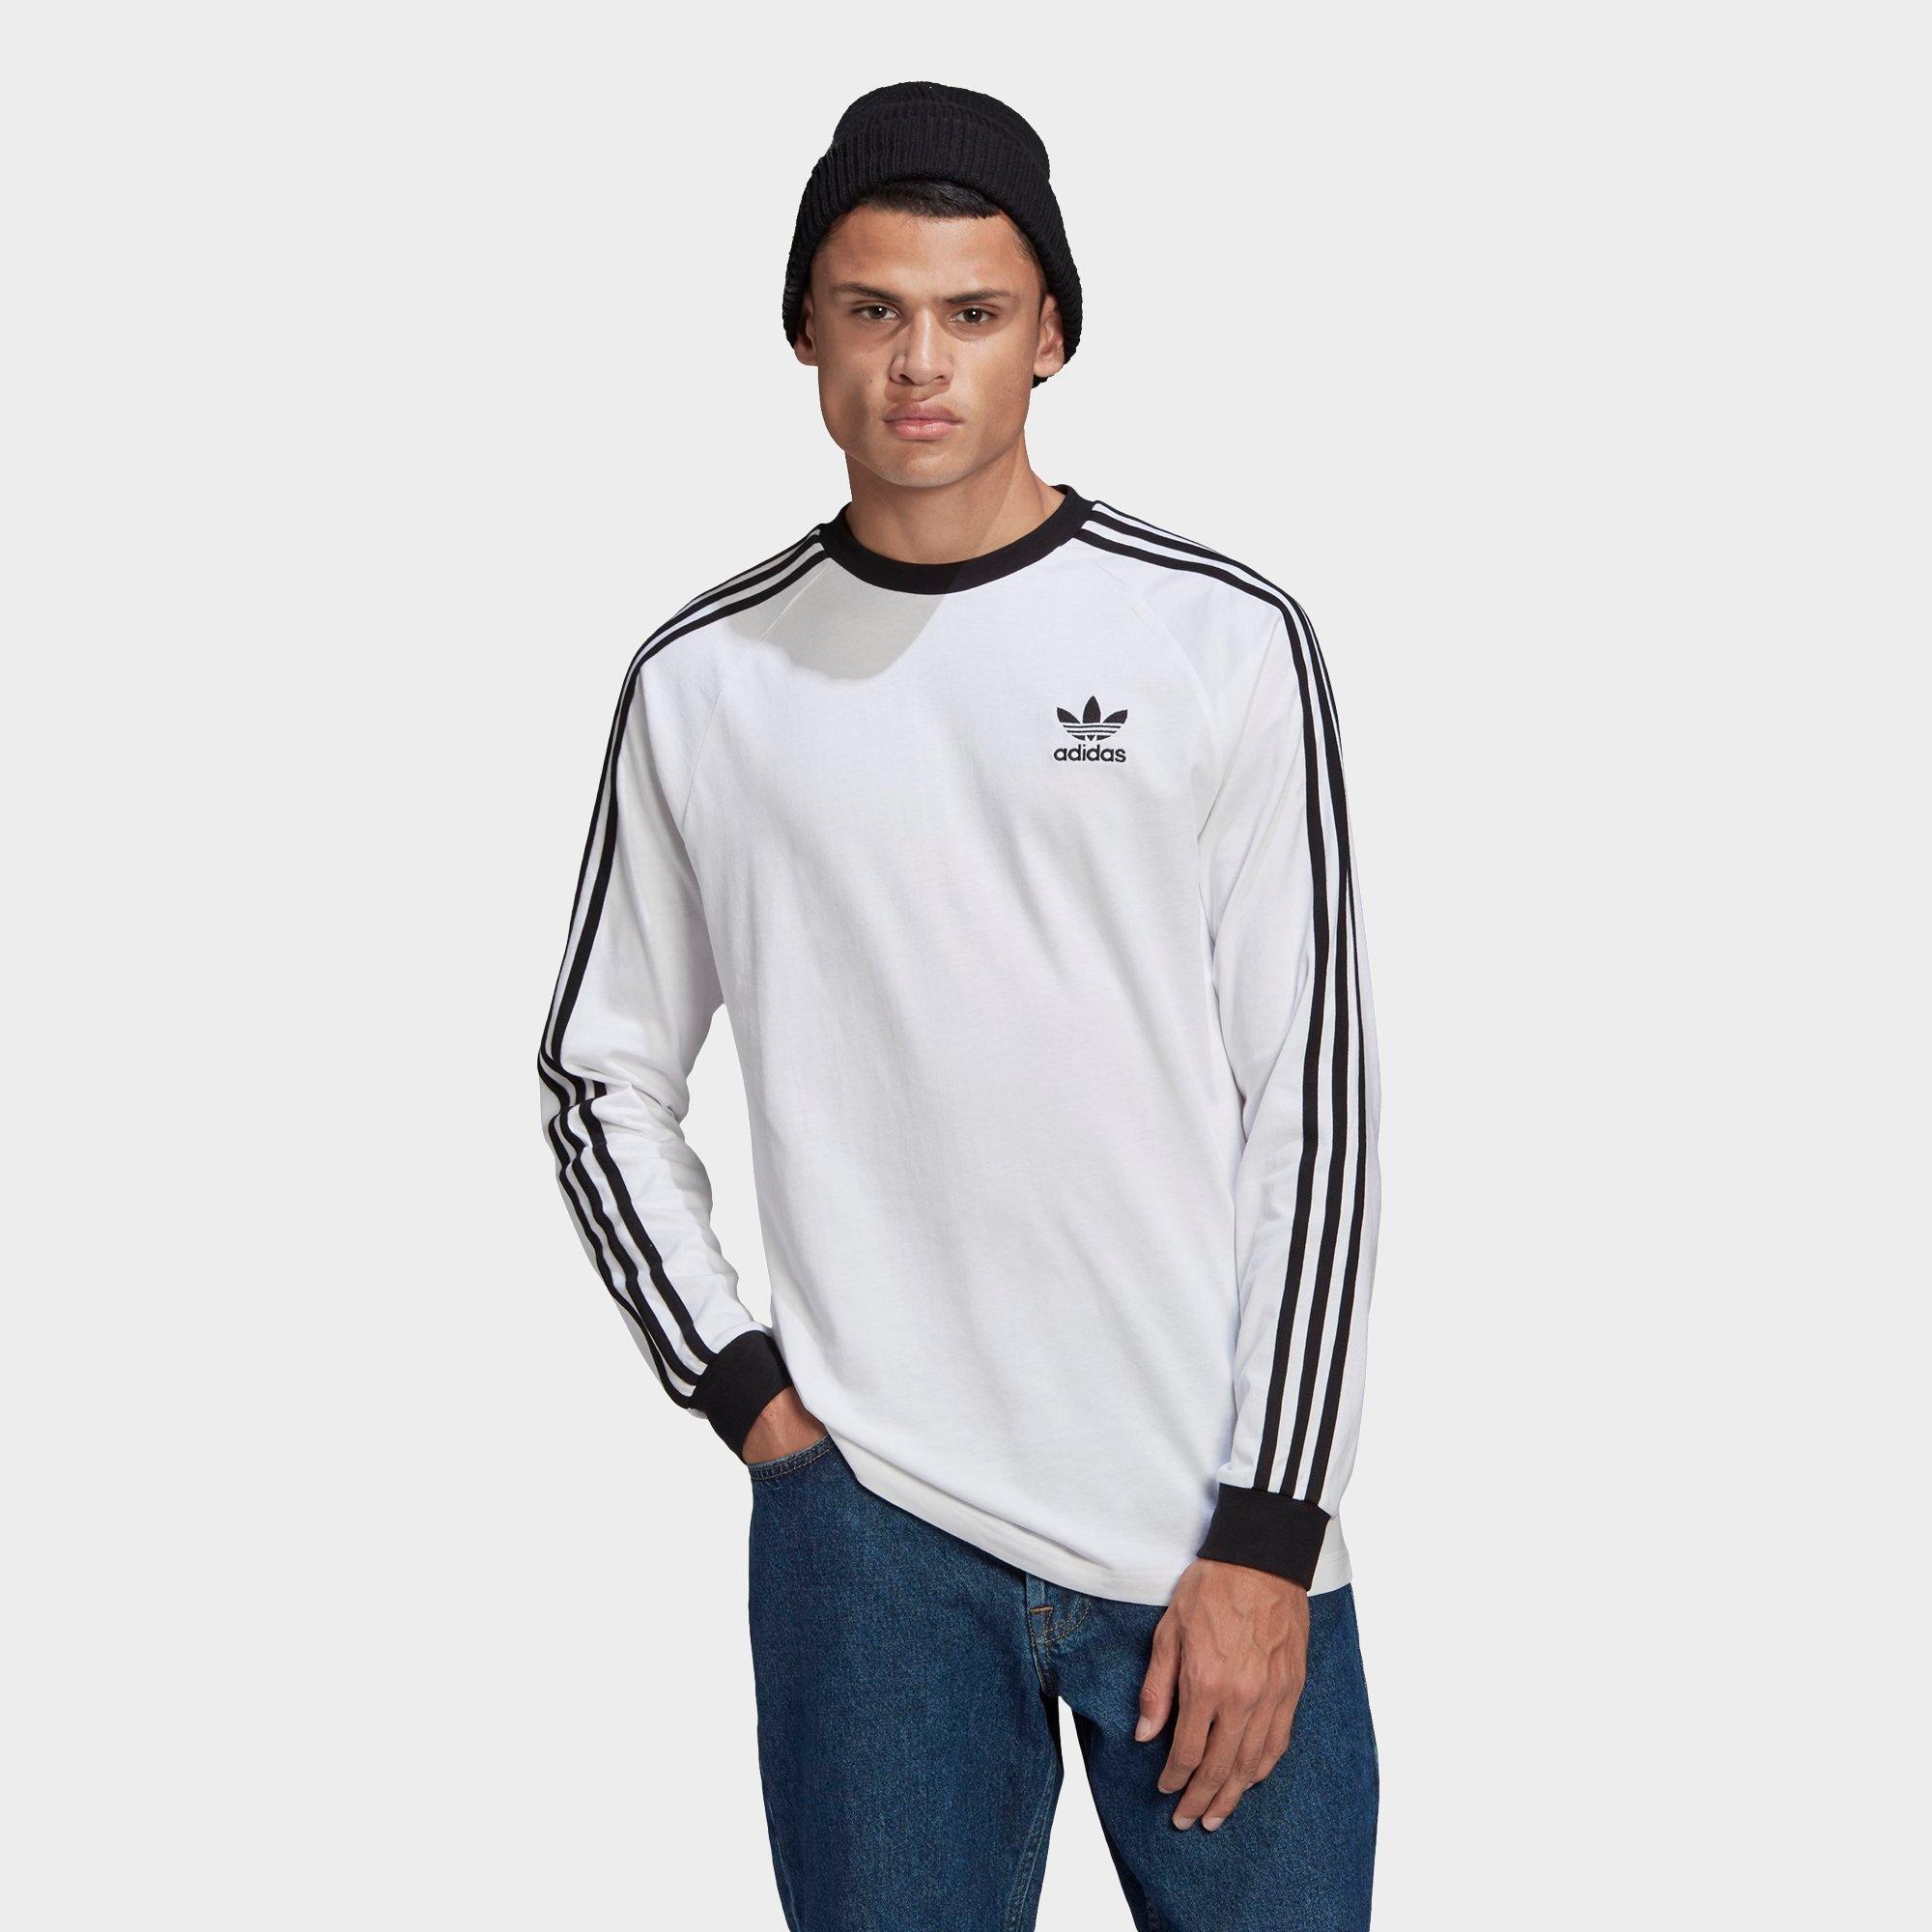 Get the Adidas Men's Originals Adicolor Classics 3-Stripes Long ...